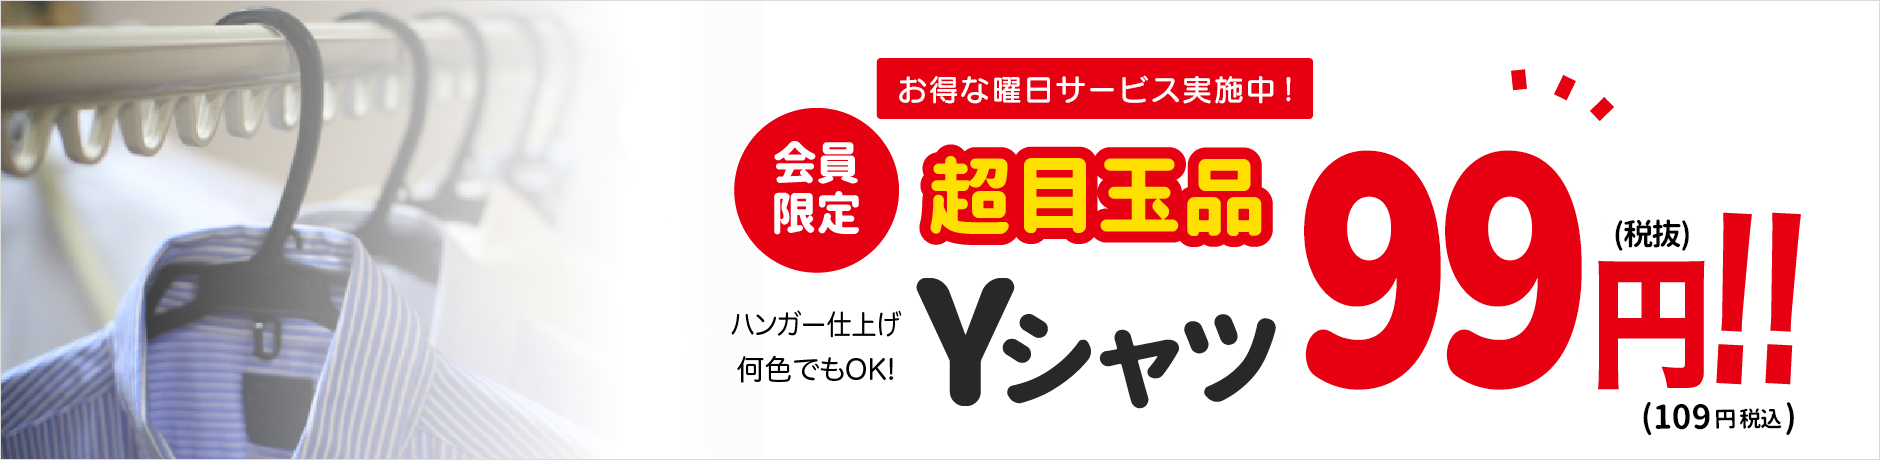 超目玉品!ライムクリーニング会員様は木・金Yシャツ98円